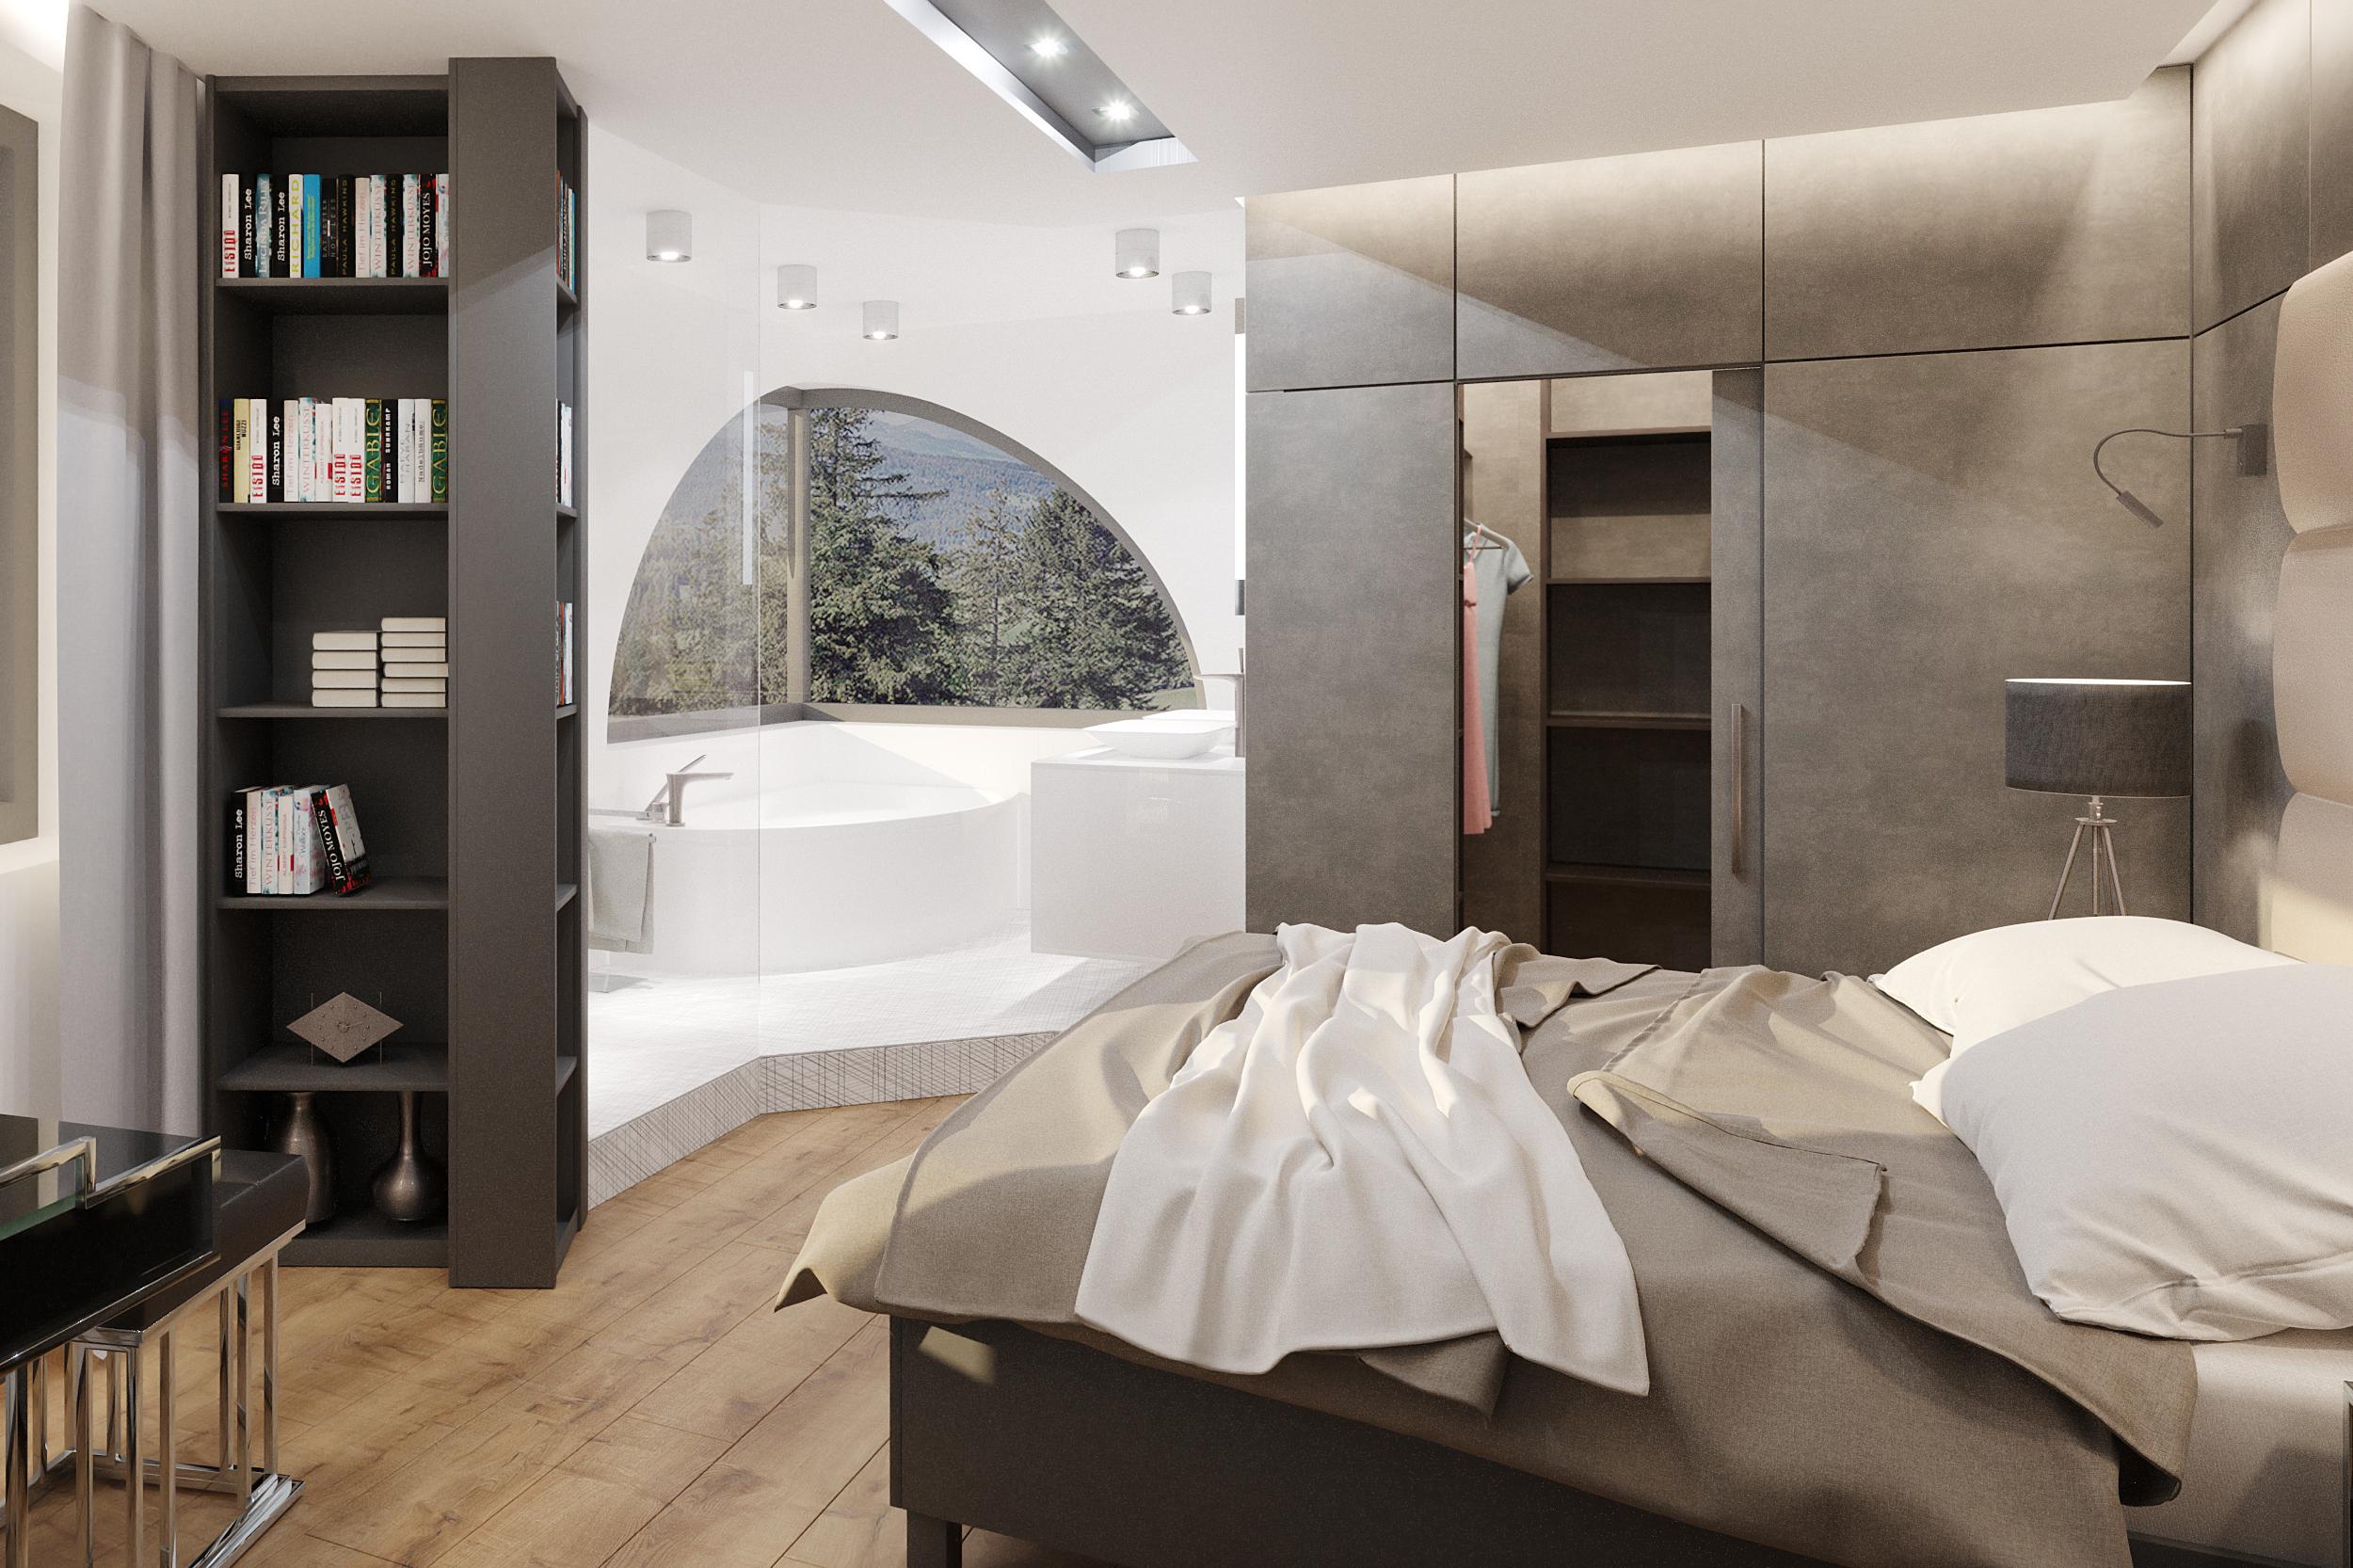 moderny interier bytovy dizajn (2)